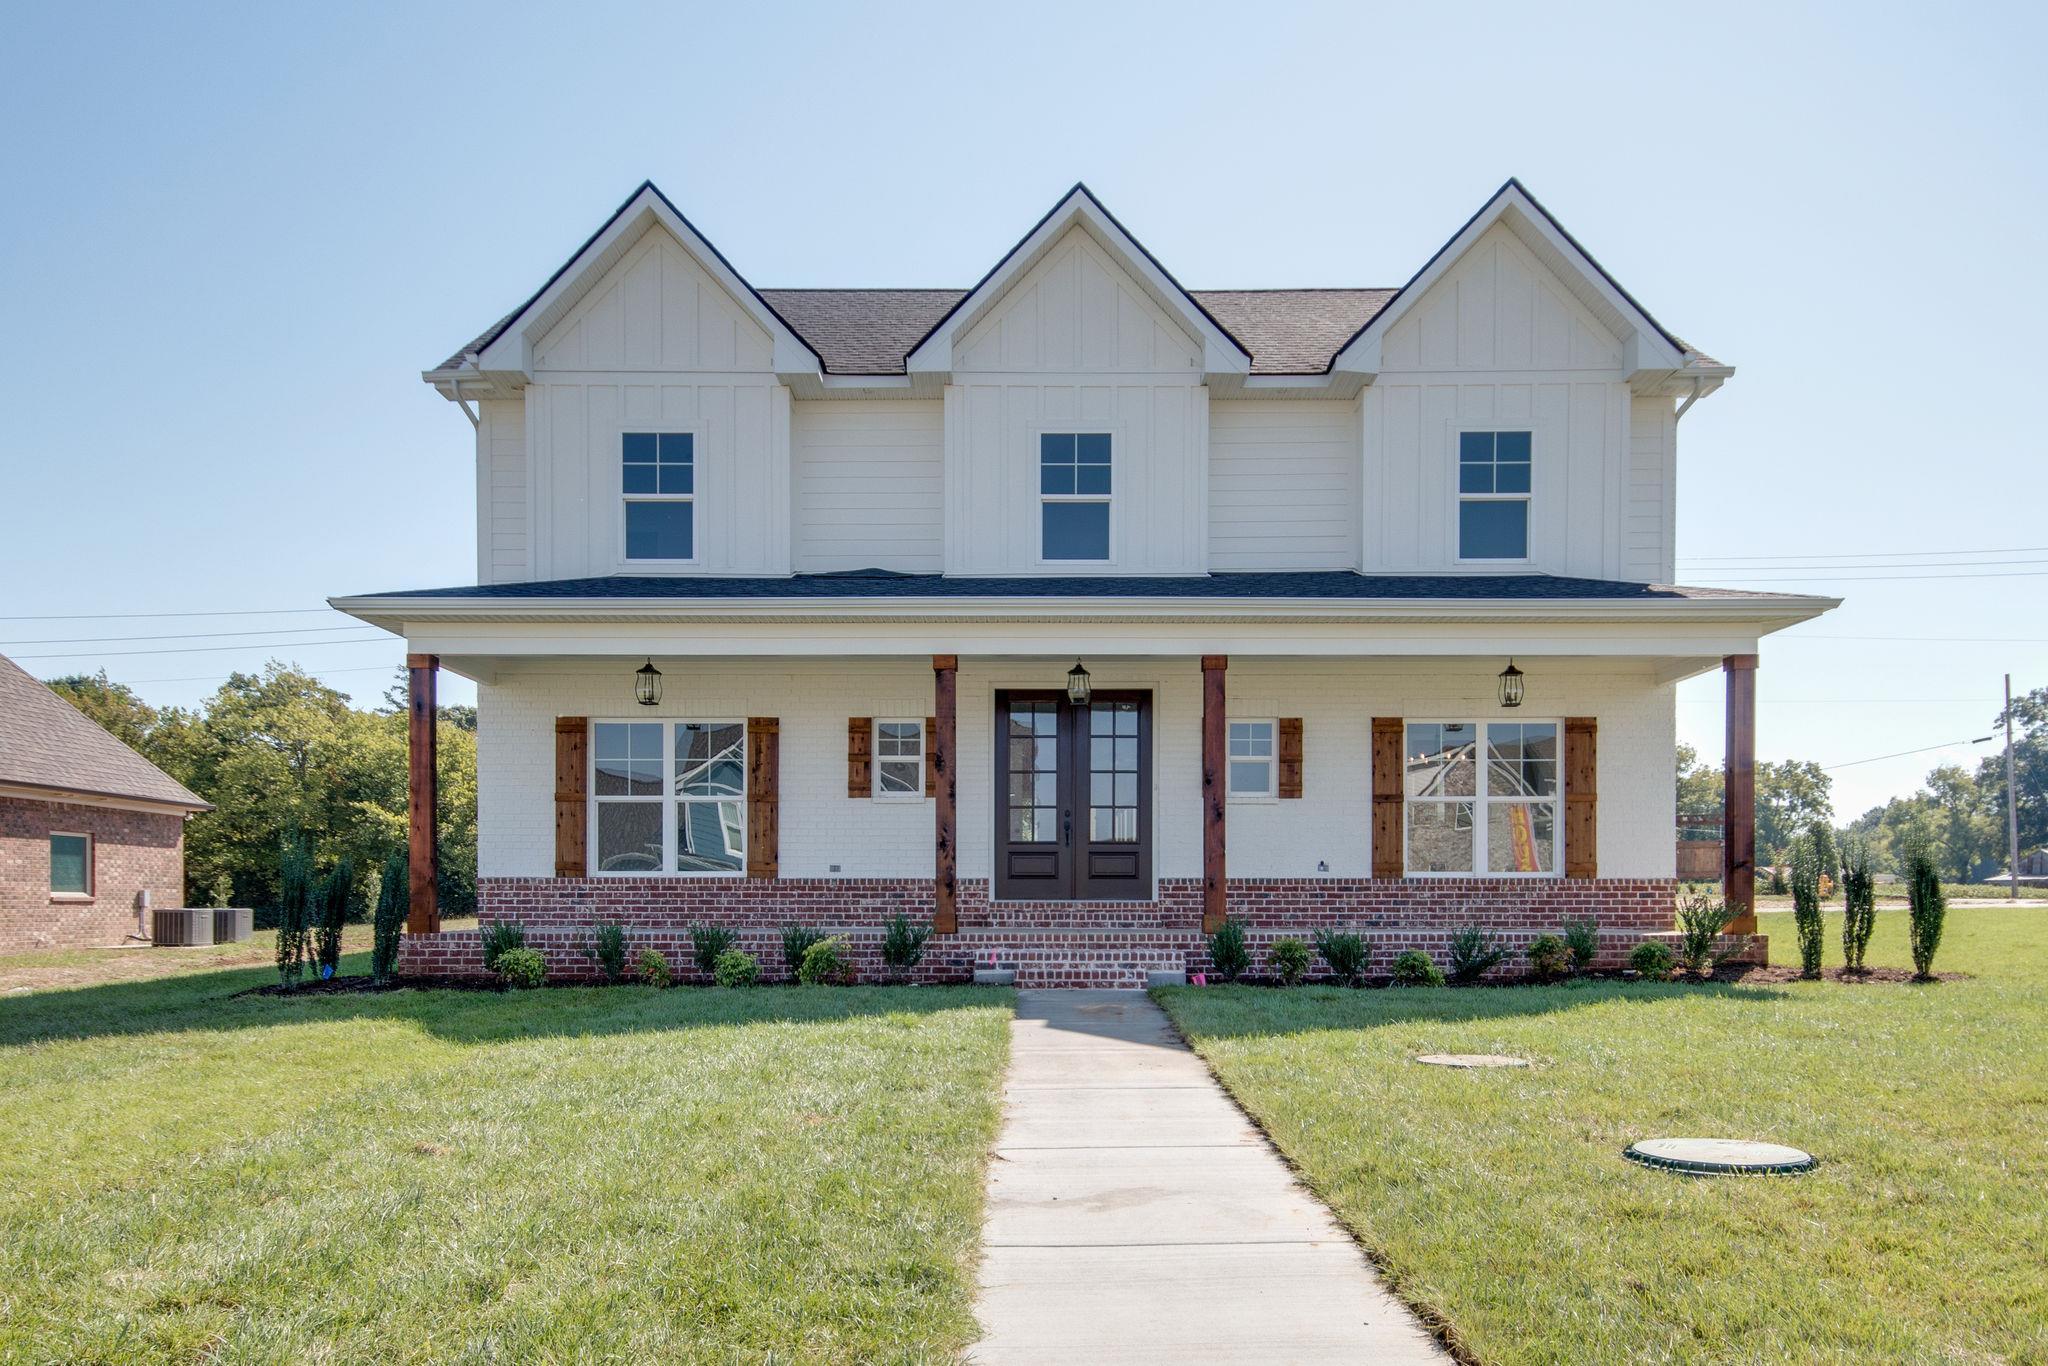 Angler's Retreat Sec 2 Real Estate Listings Main Image